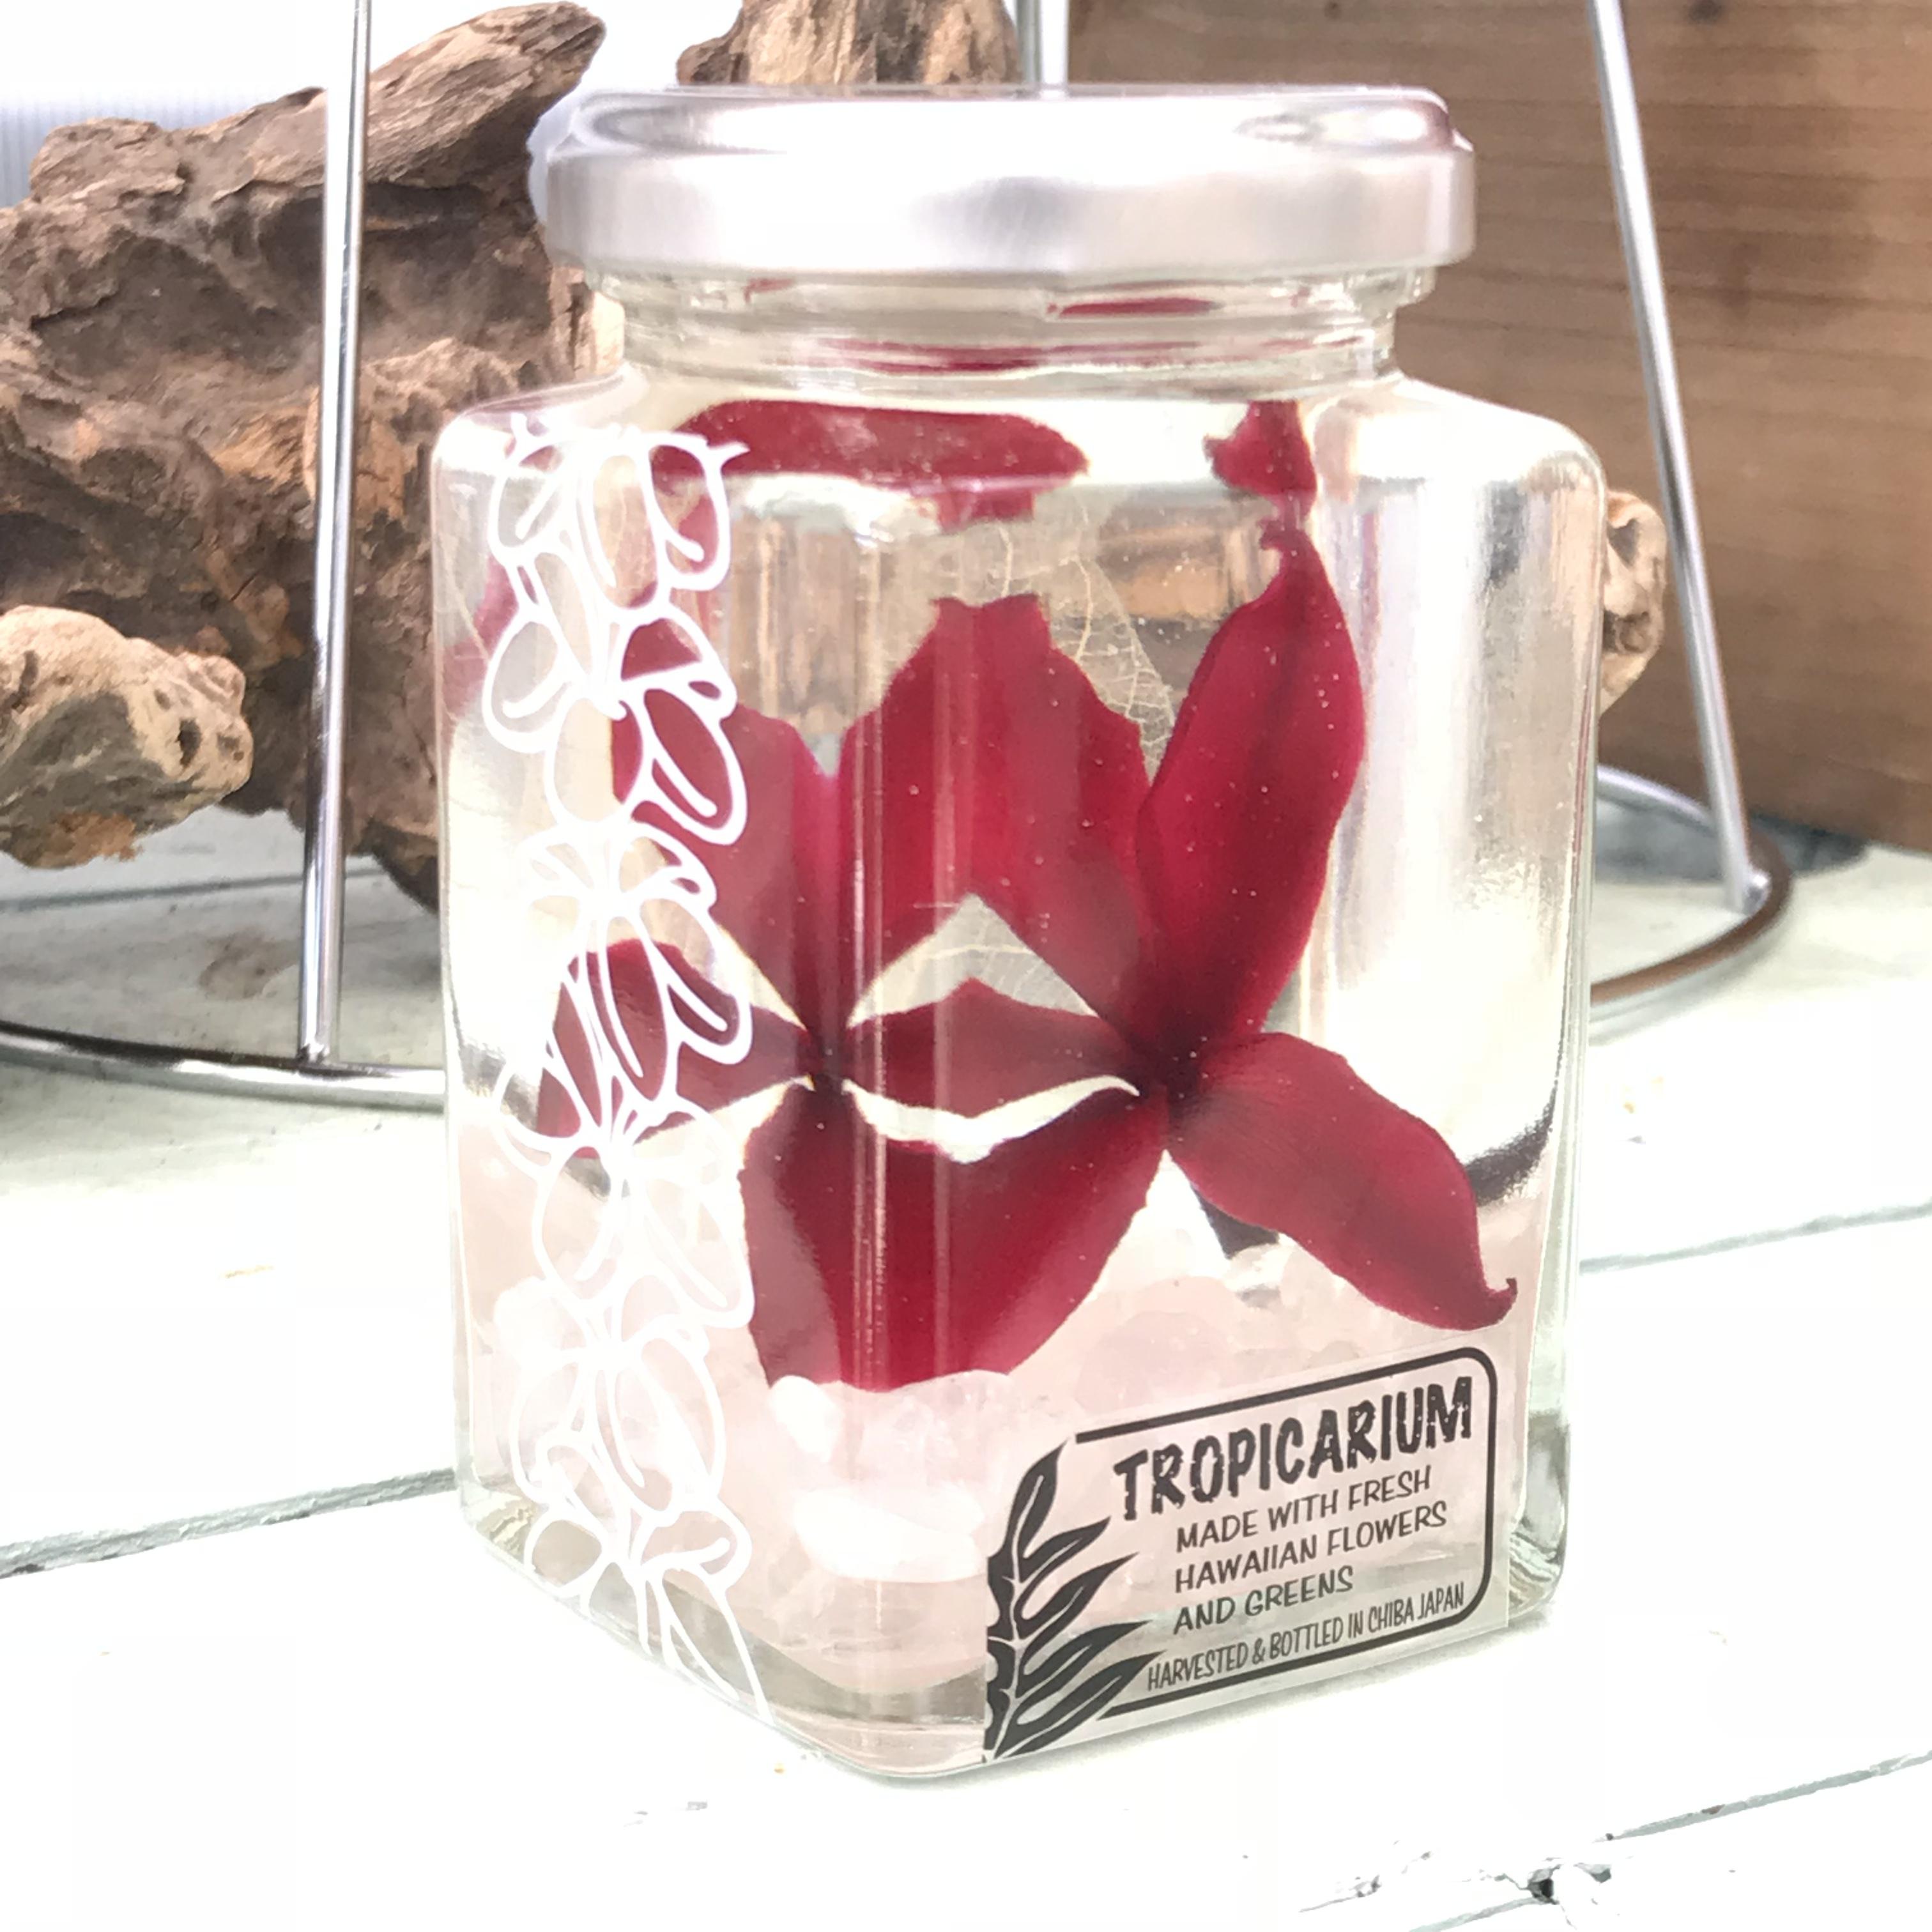 【Hawaiianpaint KANボトル】幸福を呼ぶプルメリアのトロピカリウム クラシックレッド・紅水晶(スクエアボトル・プリザーブド・ローズクオーツ使用)